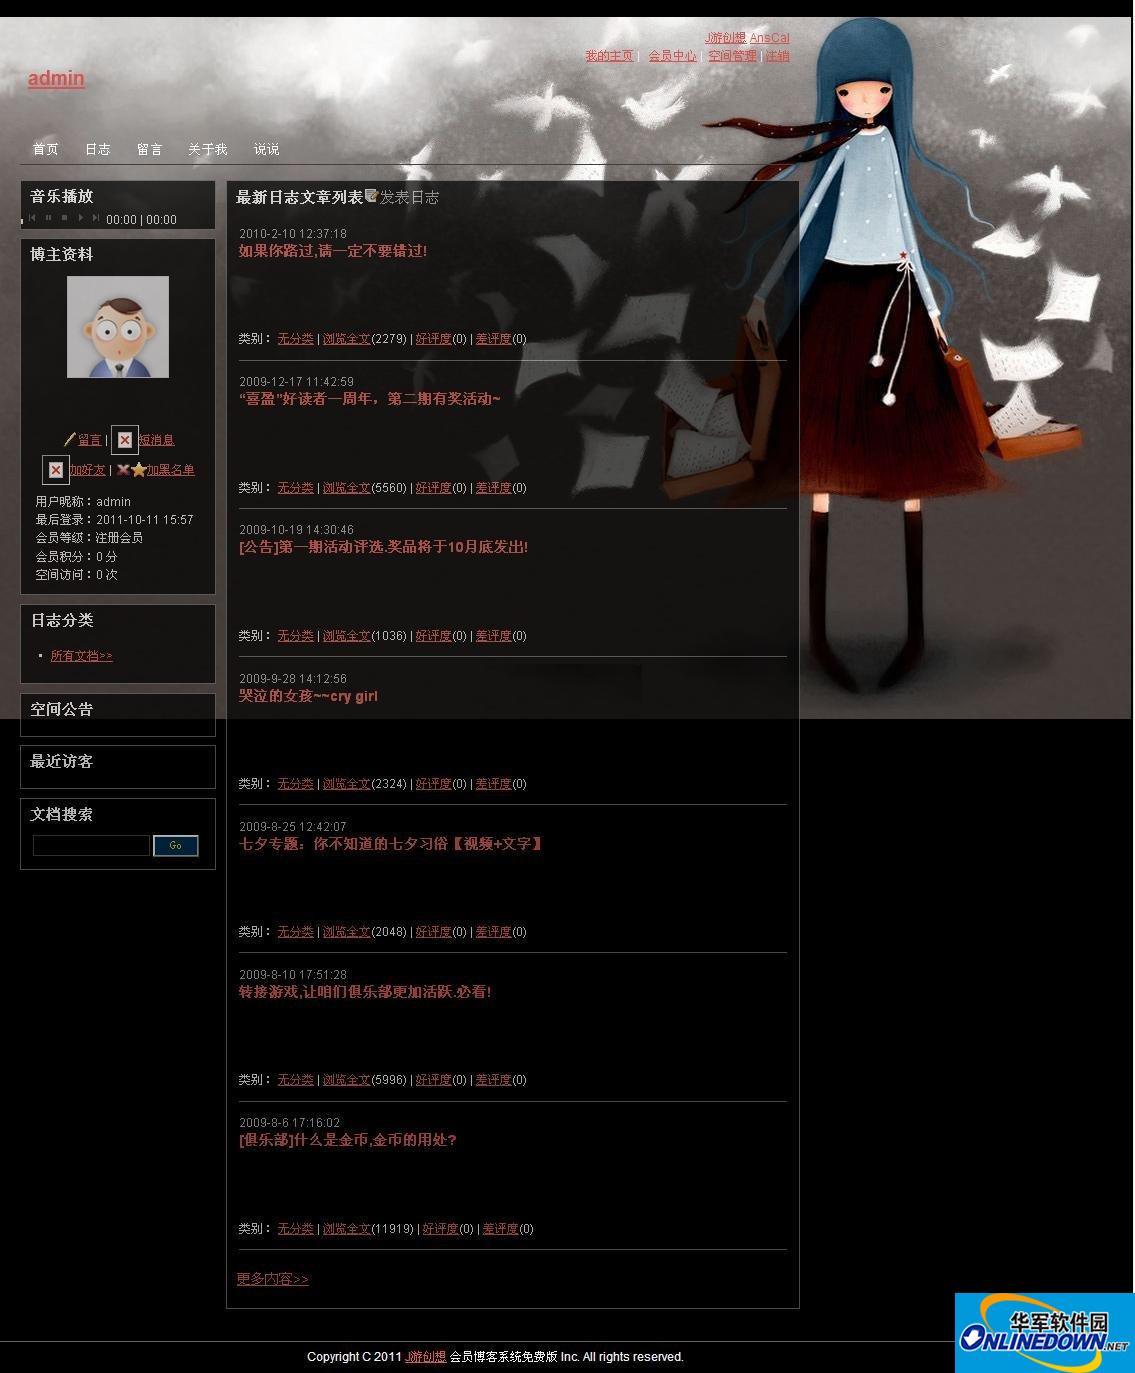 J游博客会员系统 PC版